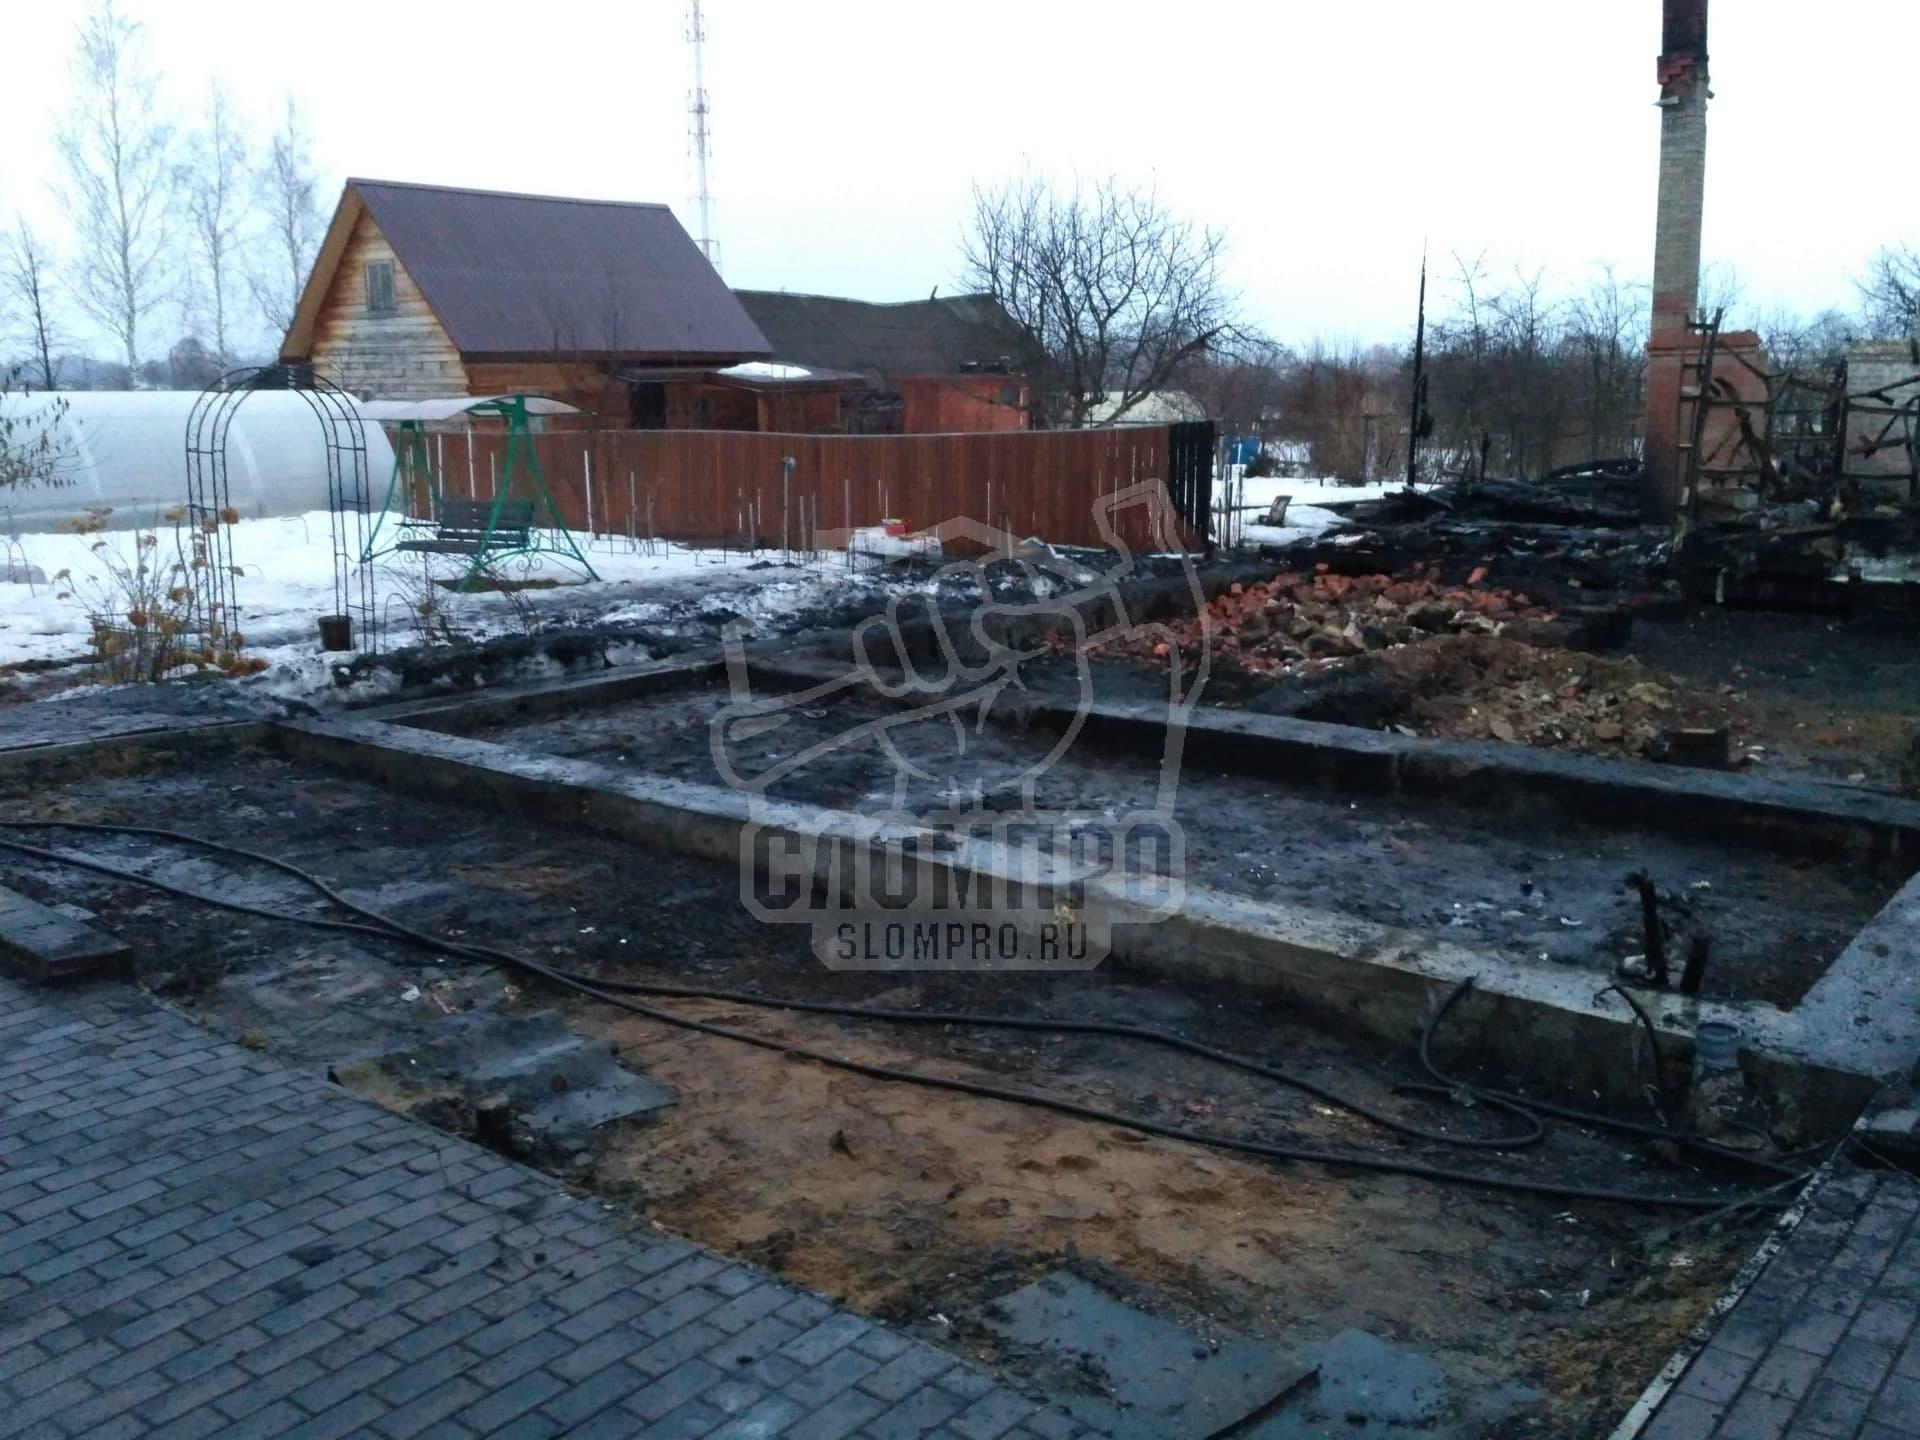 Результат расчистки участка после пожара в Малино